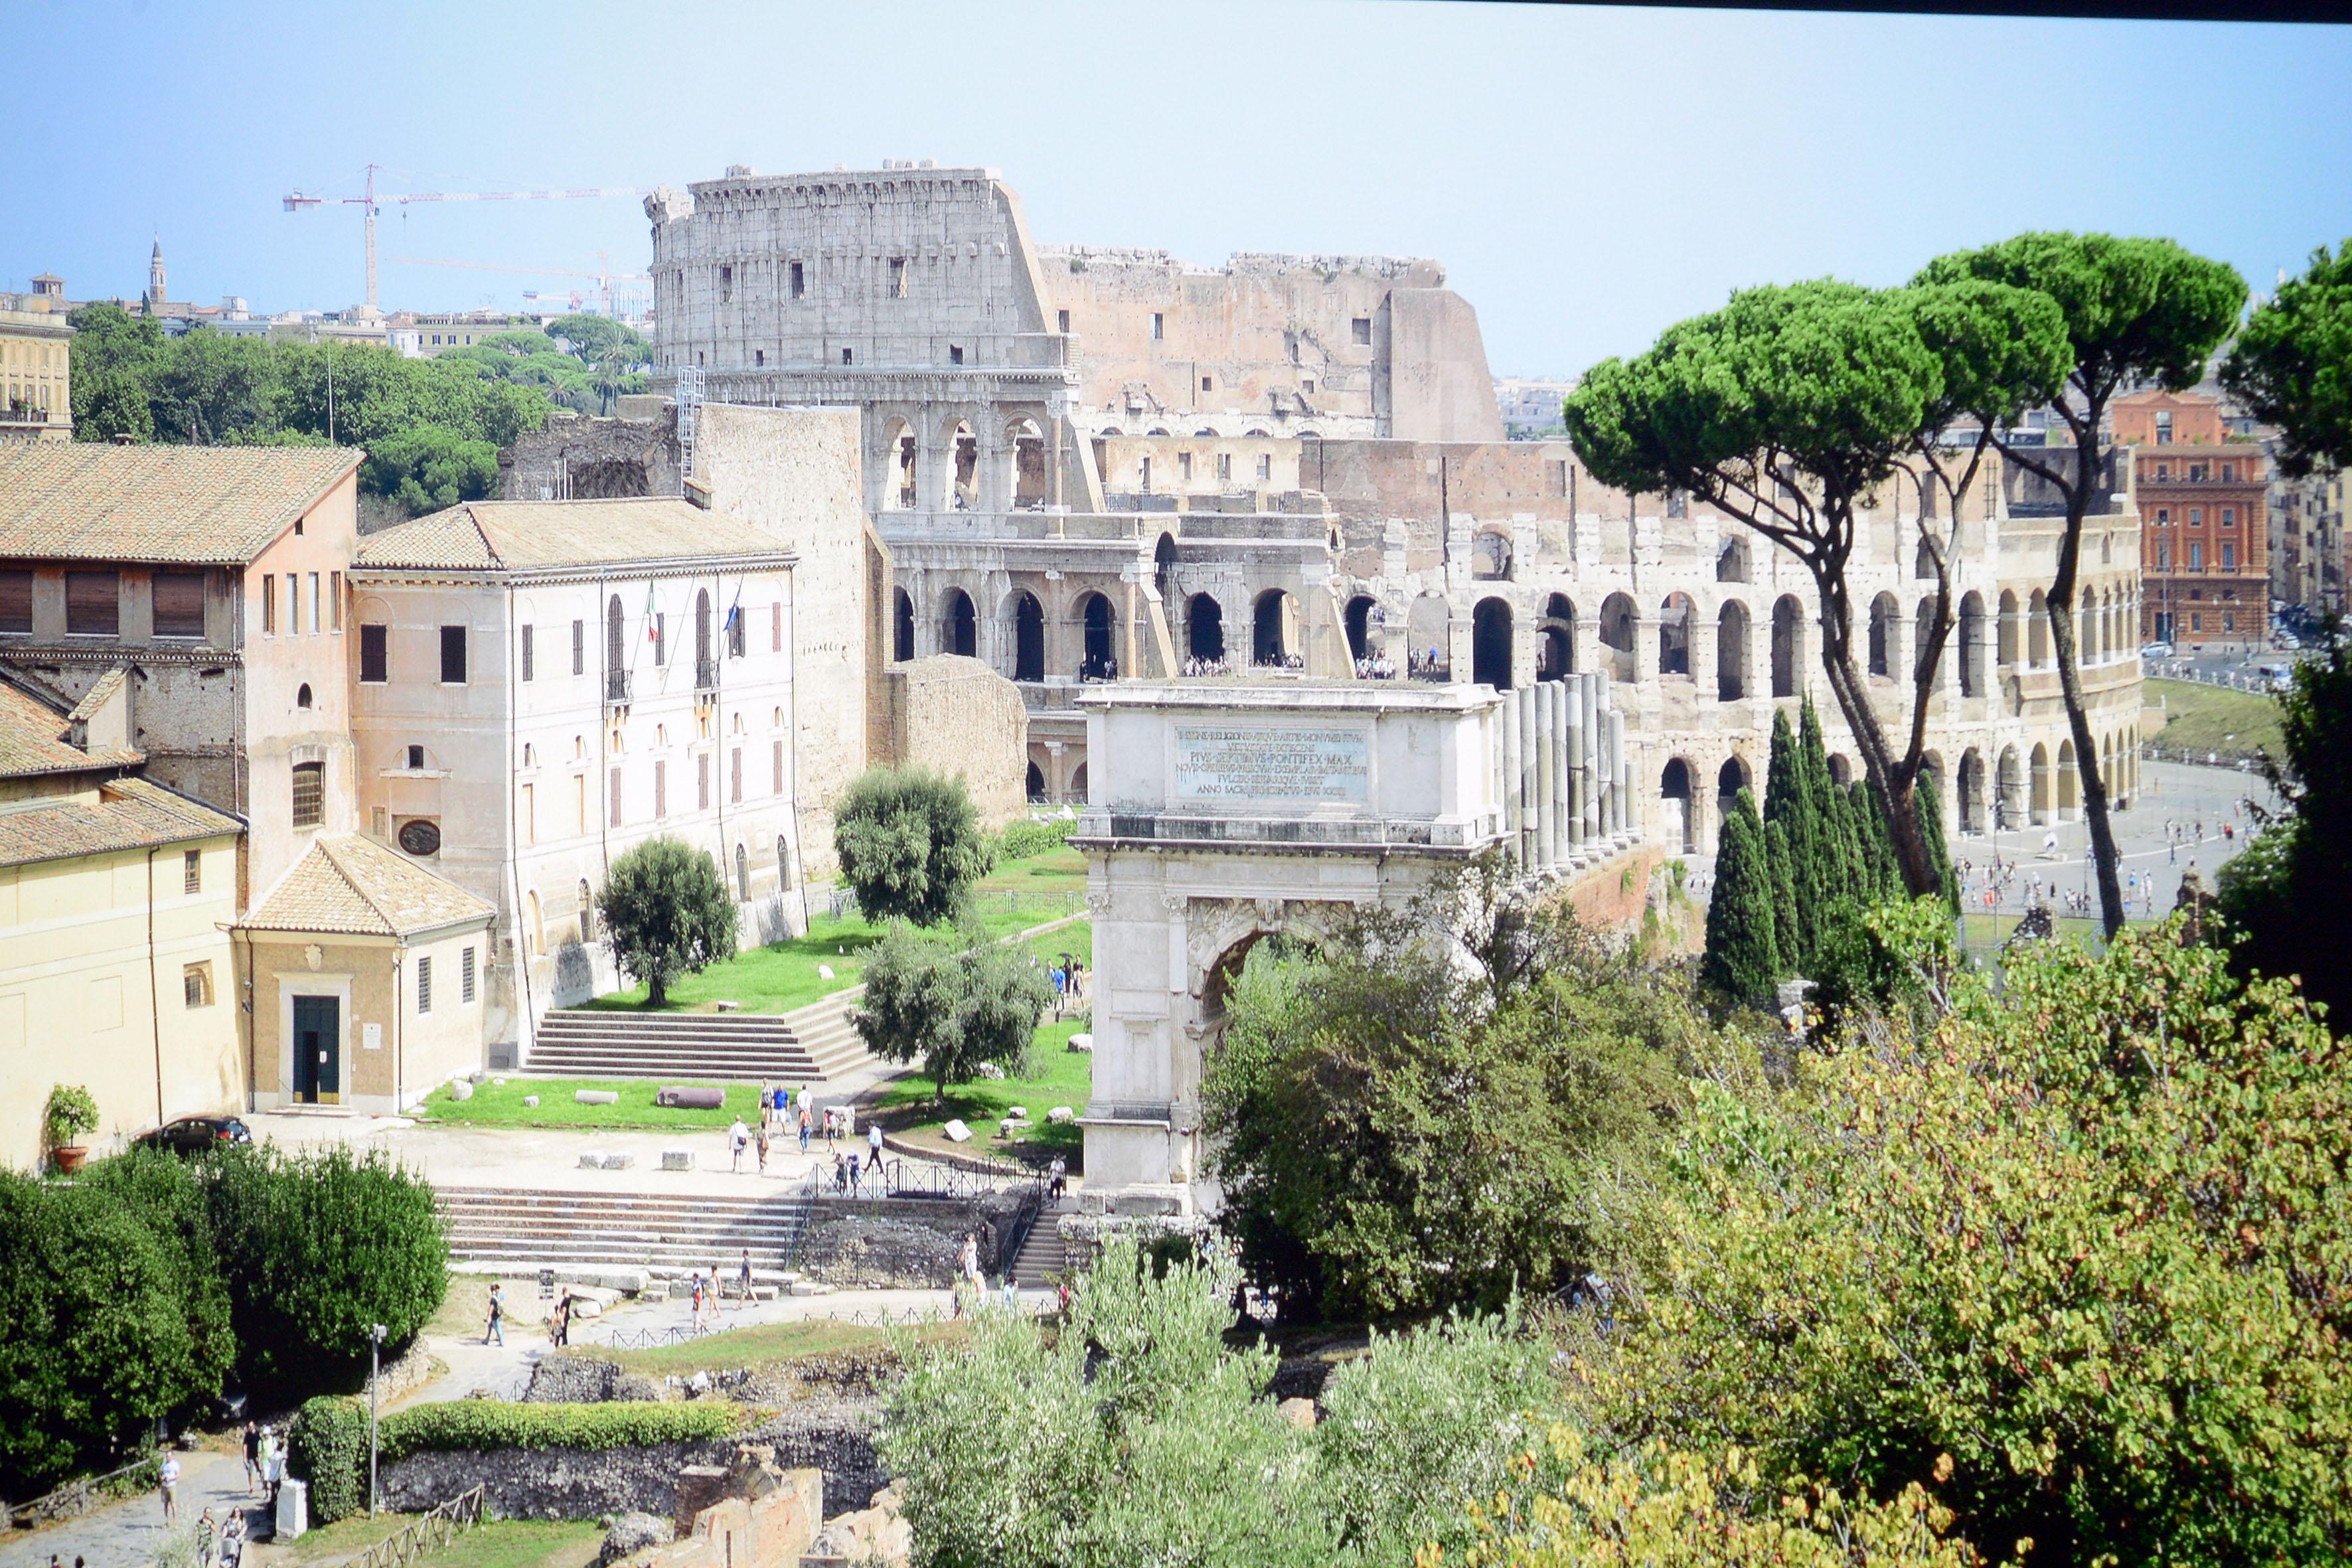 Foto: Michael B. Rehders (Originalaufnahme) Diese Fotoaufnahme aus dem Forum in Rom bietet zahllose Dinge, die es zu entdecken gilt.